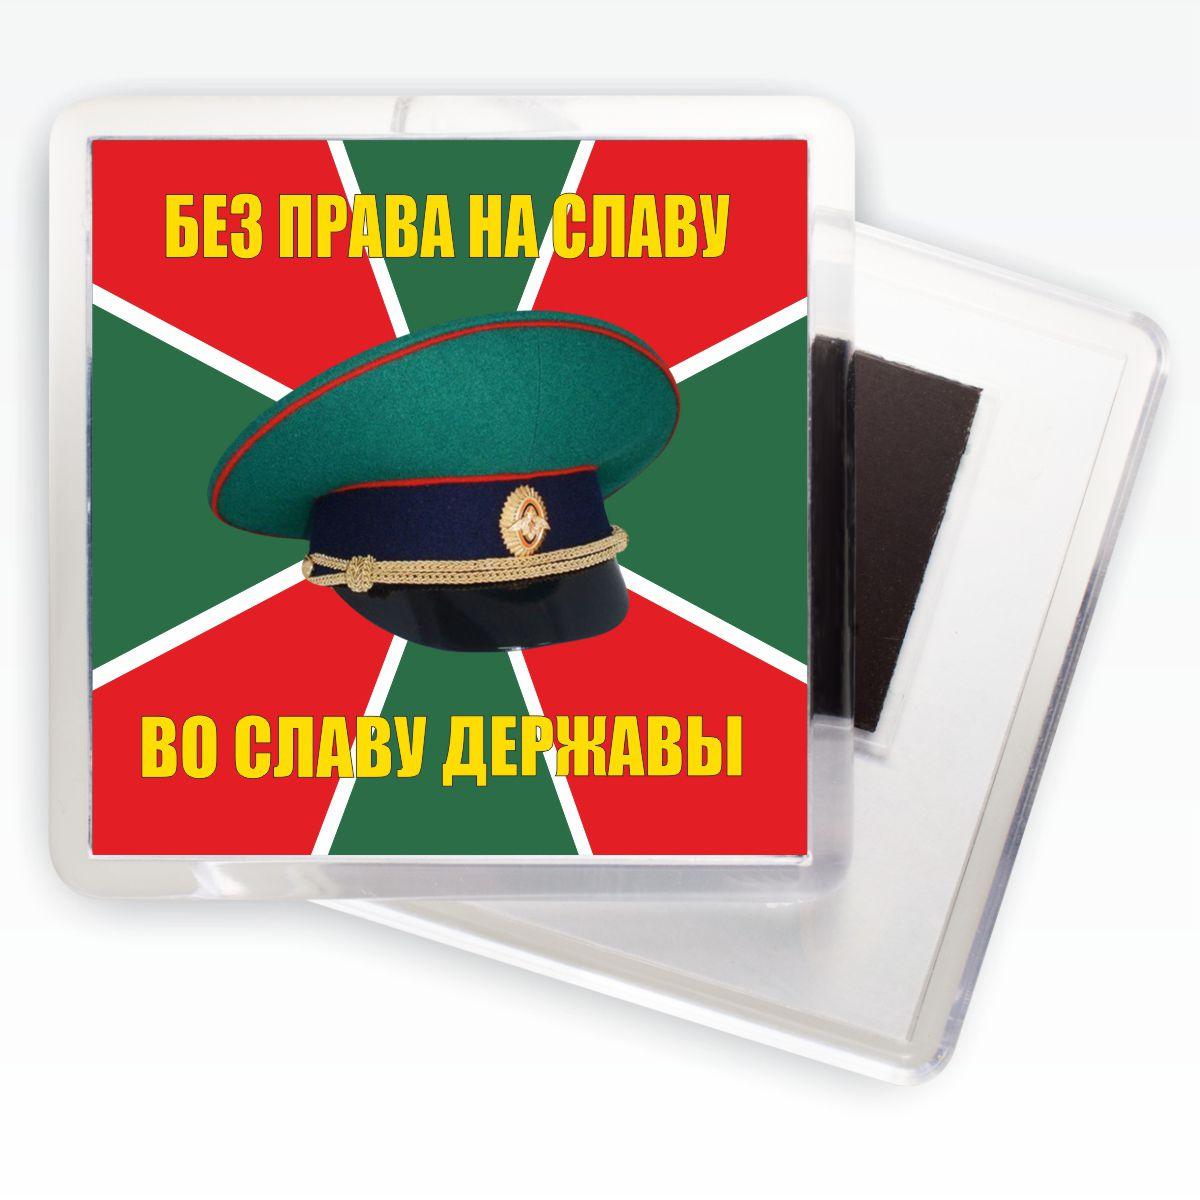 Купите стильный магнитик Погранвойск «Во славу державы», качество отменное, доставка любая